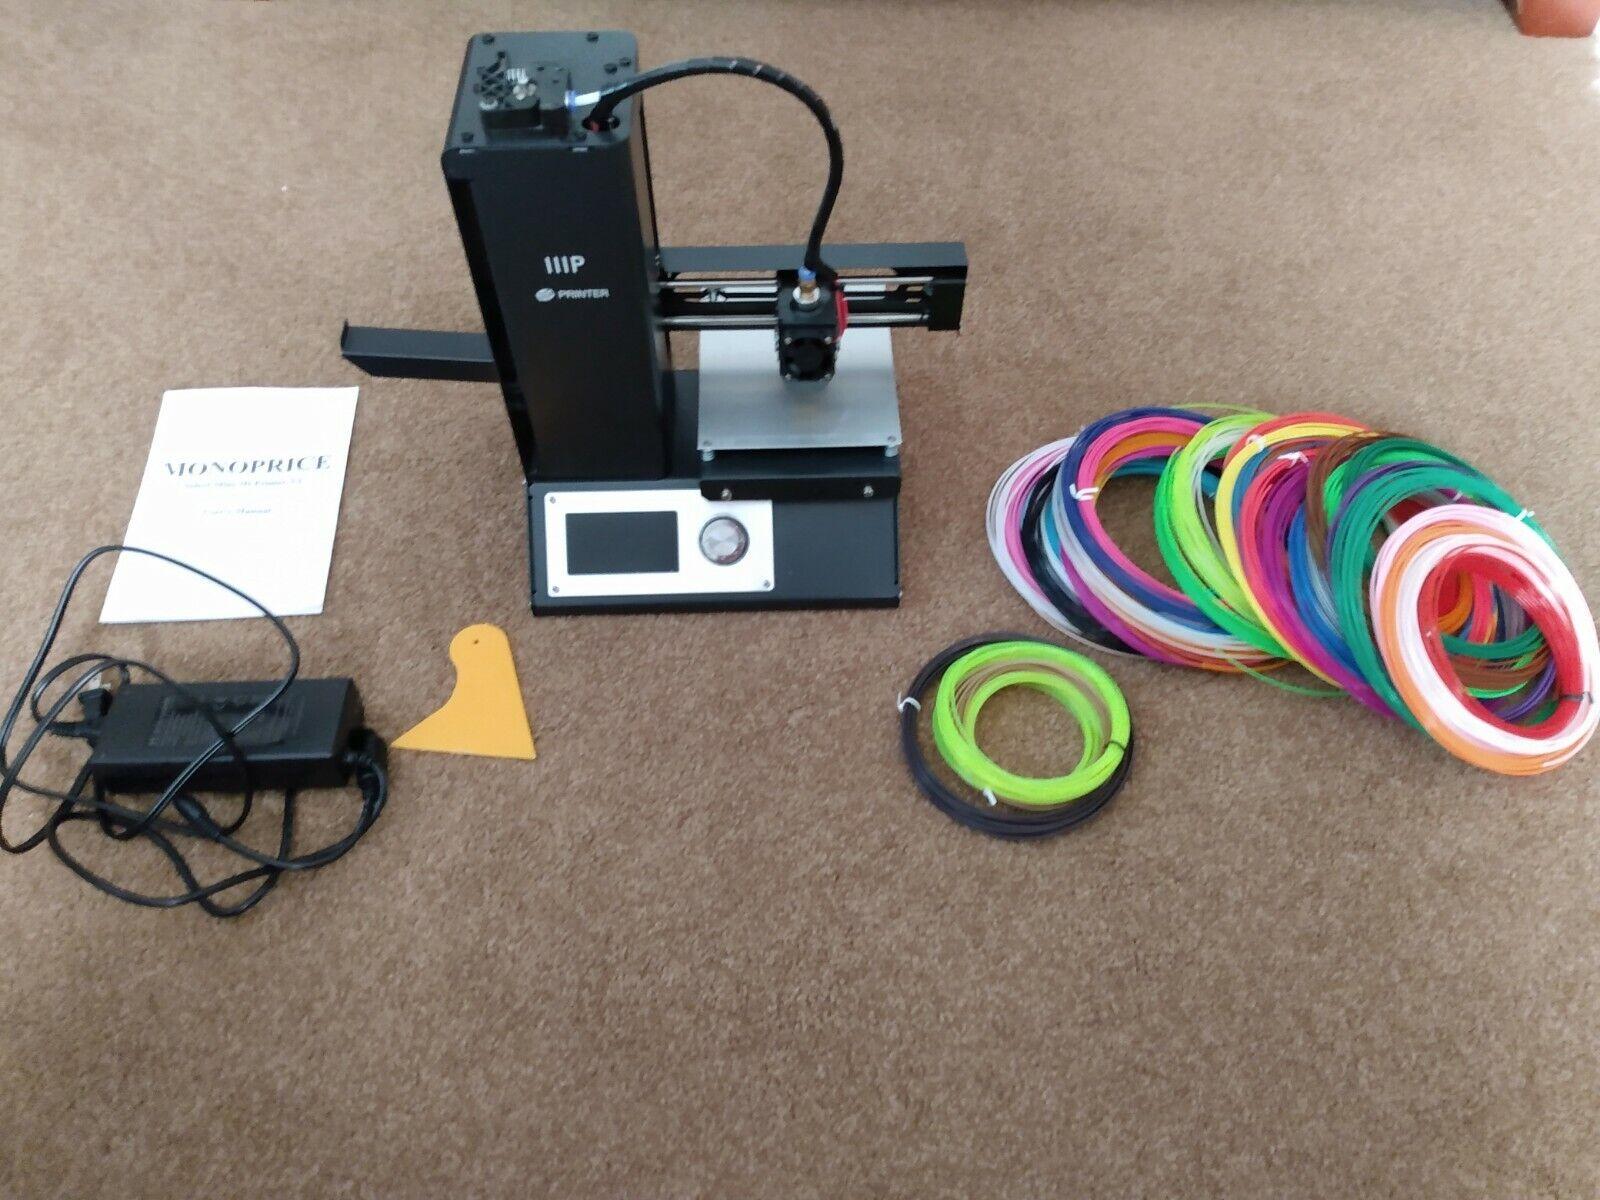 Monoprice Select Mini 3D Printer V2, SEE Description